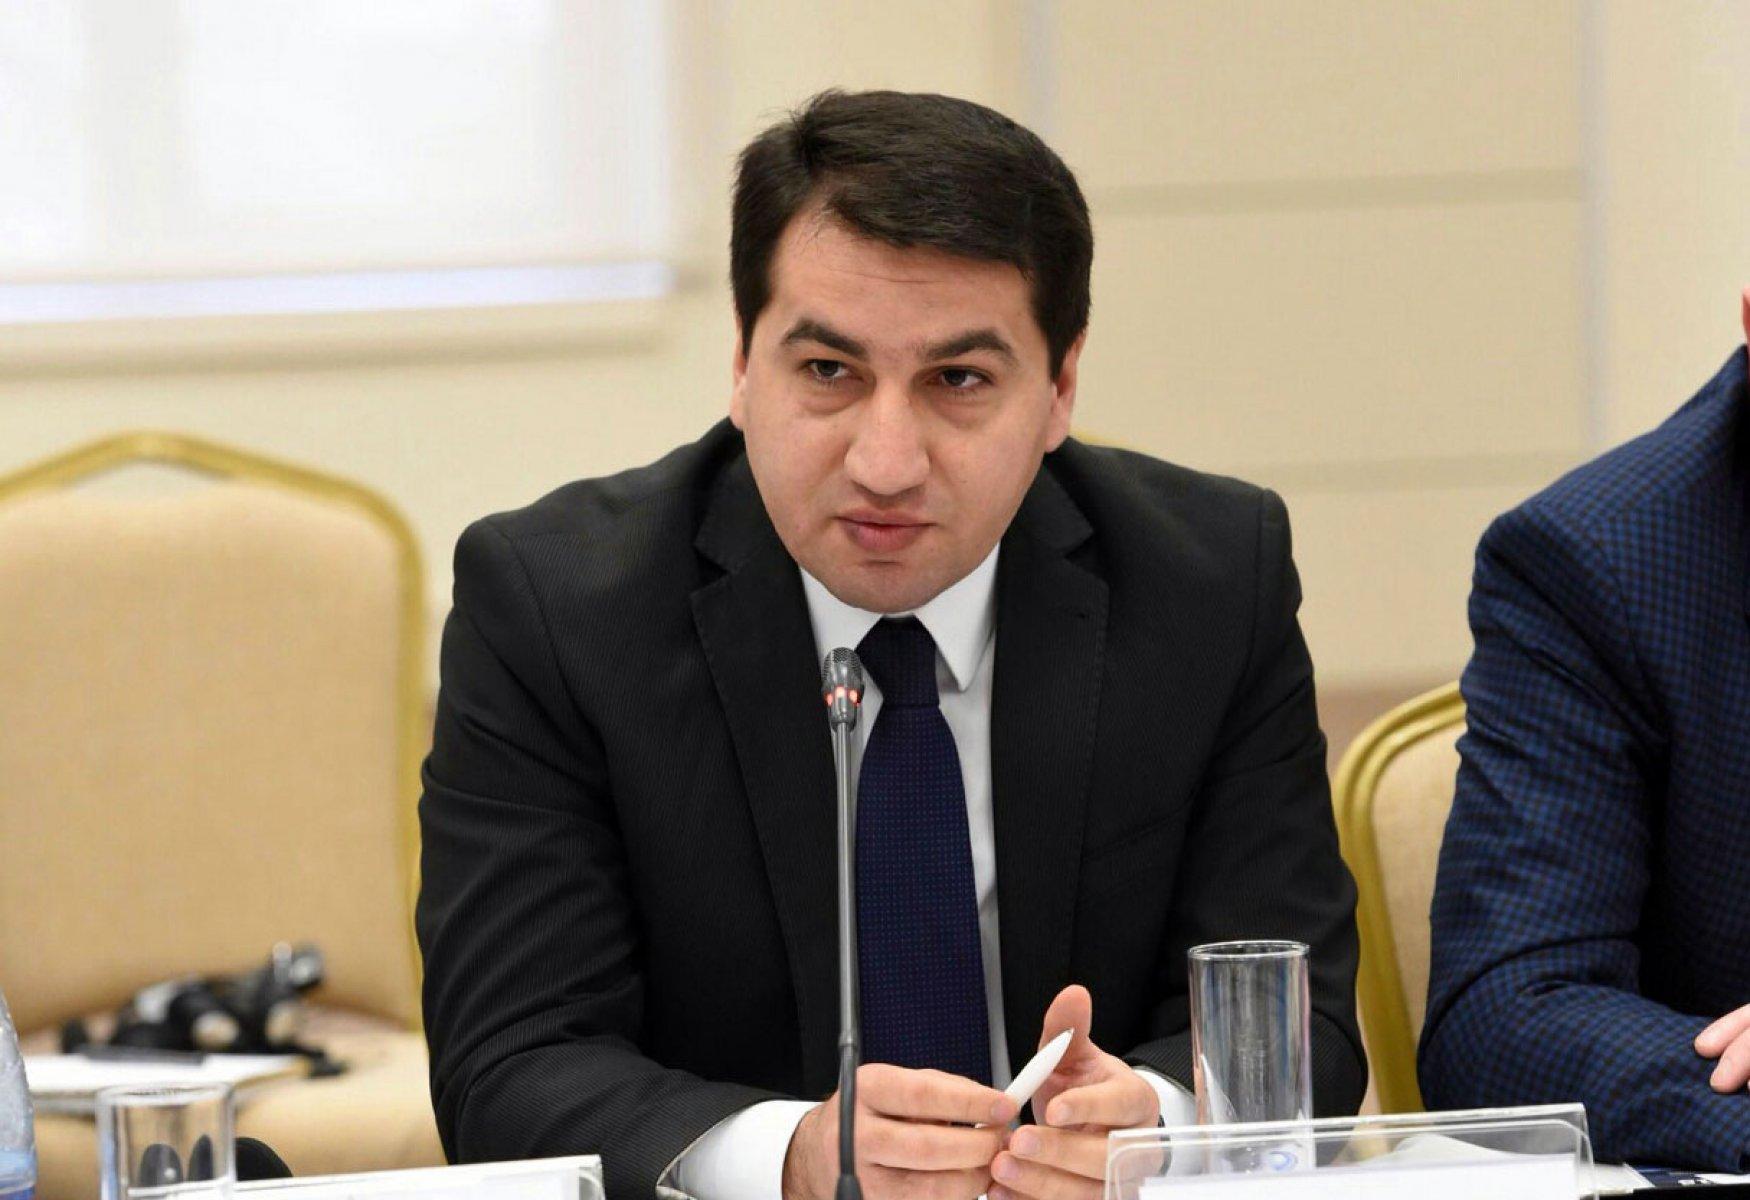 Пресс-секретарь МИД Азербайджана Хикмет Гаджиев.